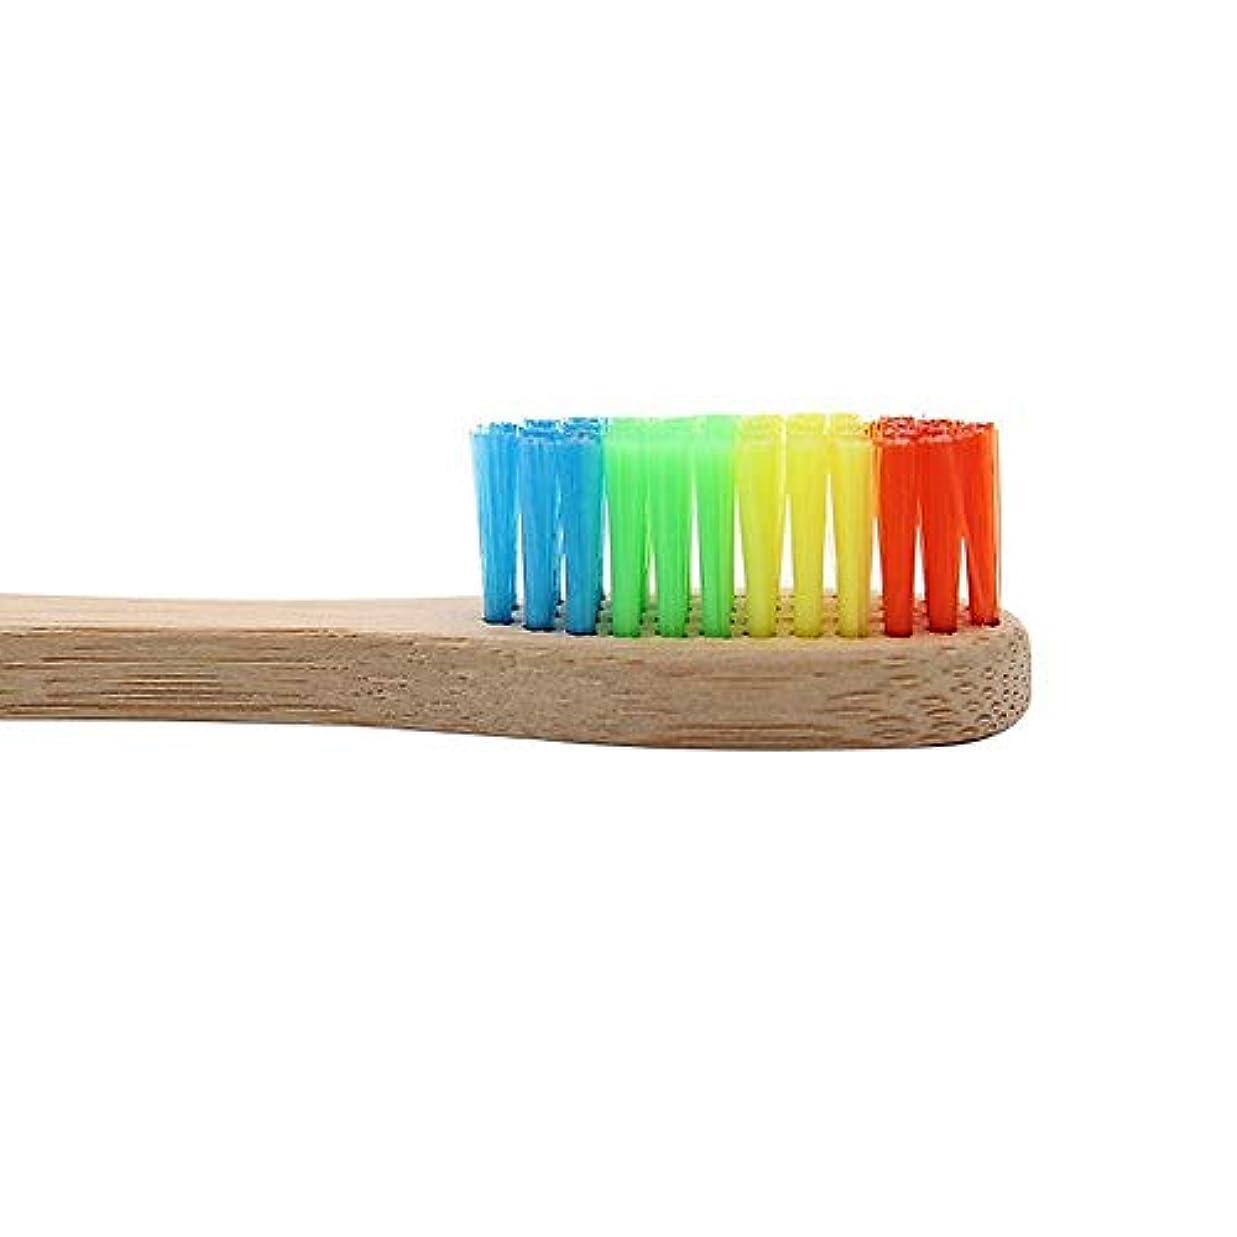 アンテナ学生コイル天然竹歯ブラシ 竹の歯ブラシ ナイロン毛 1本  (カラー)